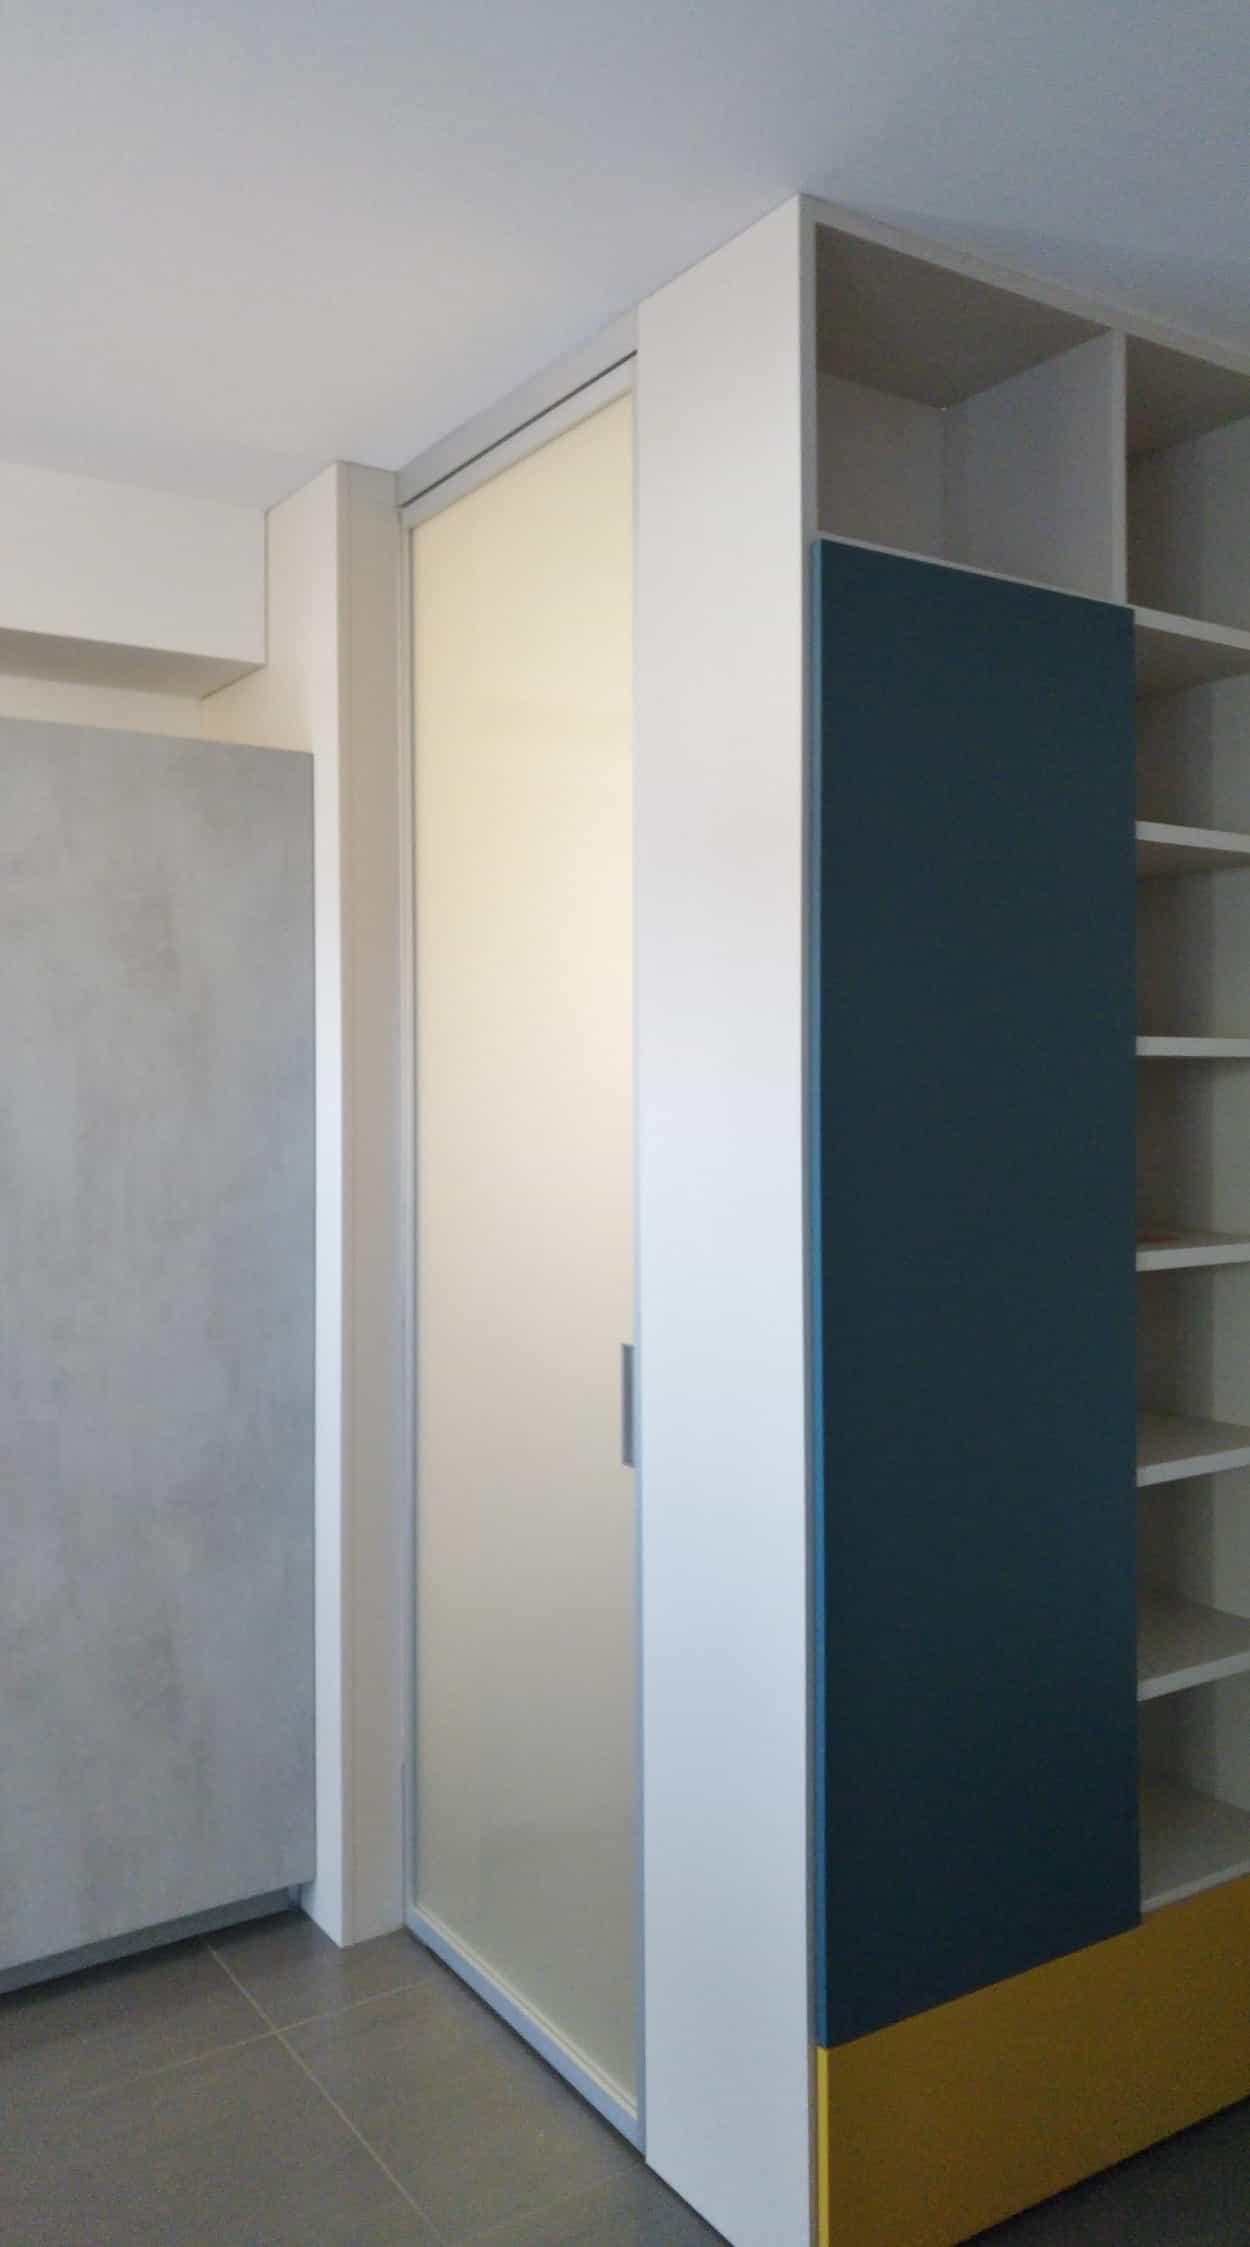 Un Ingresso, Uno Spazio Da Utilizzare Per Creare Una Stanza Interna,  Guardaroba, Dispensau2026un Progetto Su Misura